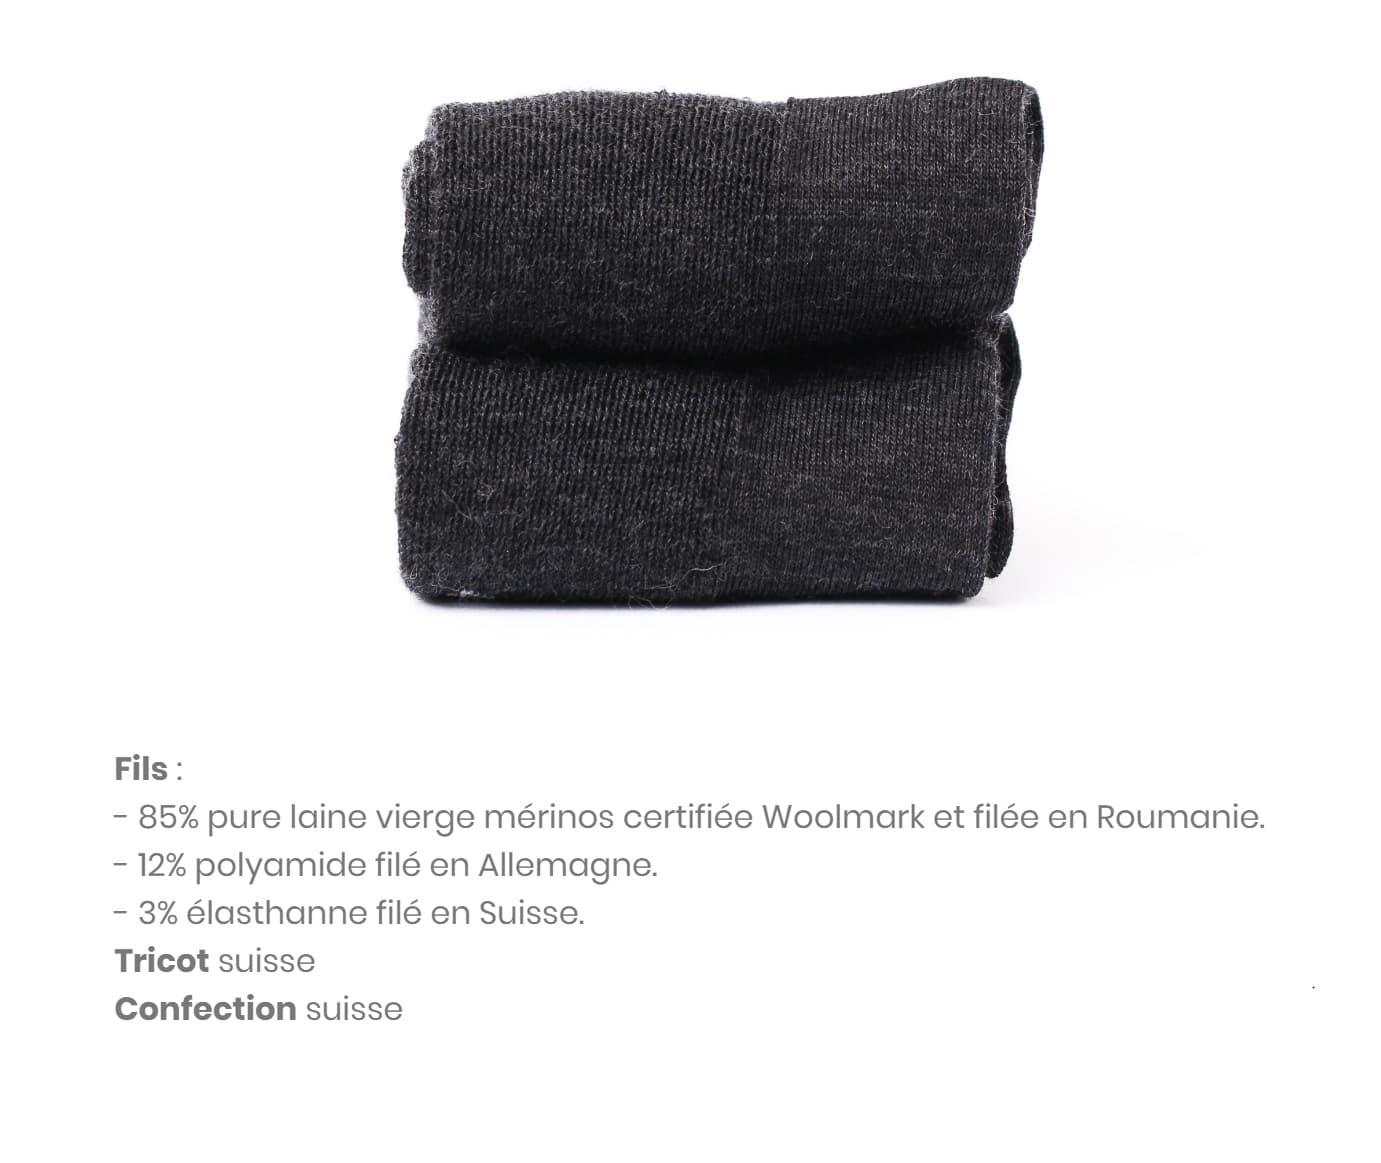 collection de chaussettes épaisses Sympa Bonnard en laine mérinos mais aussi cotton et soie et toujours éthique et responsable